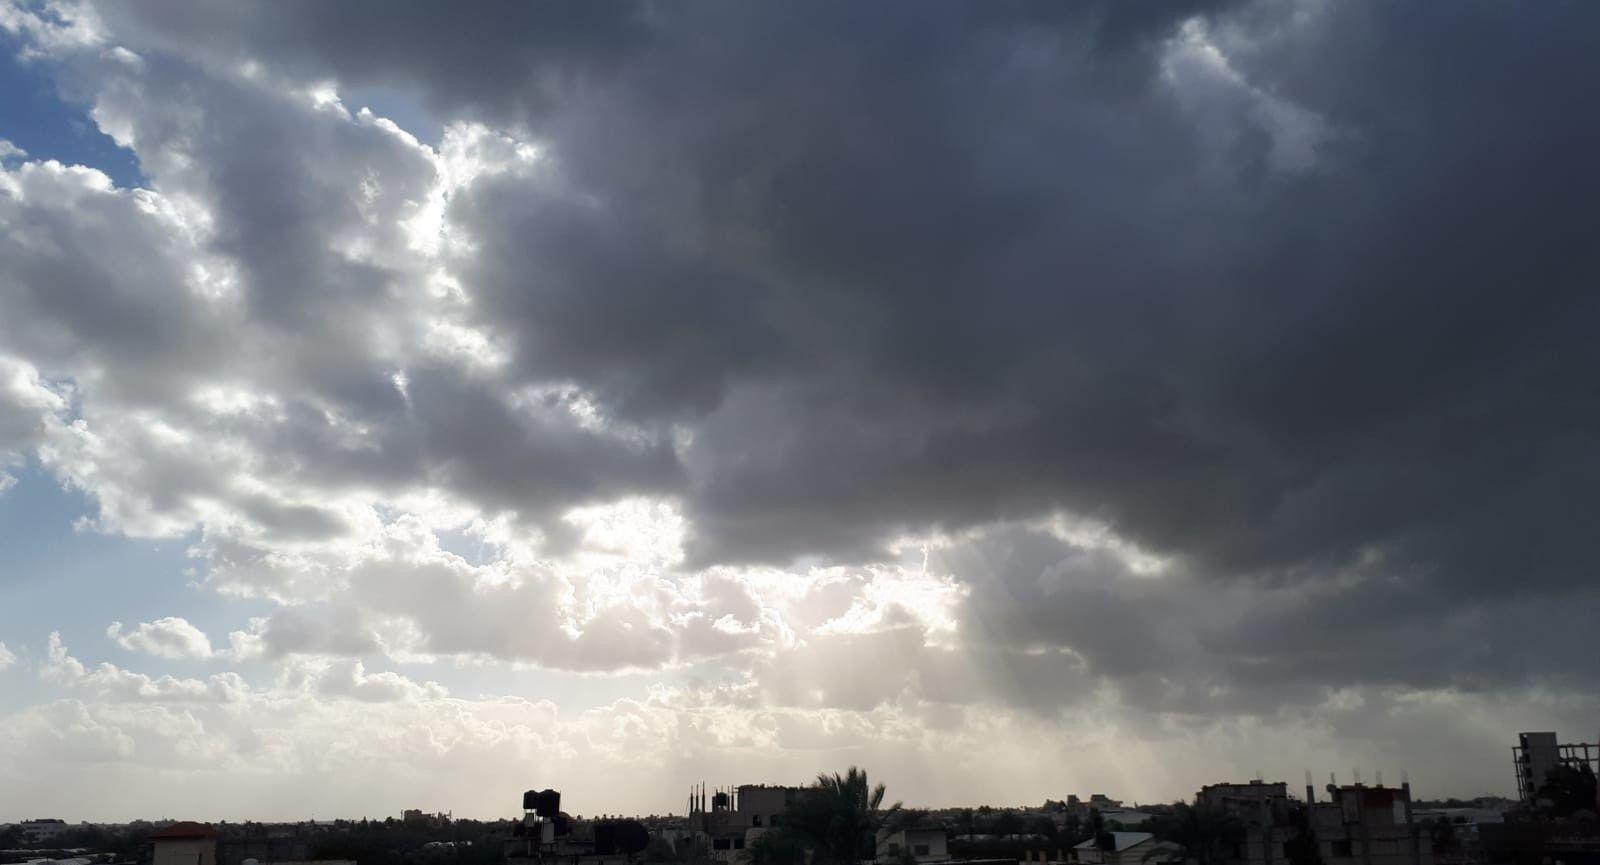 الشتاء وجماله الخلاب In 2021 Clouds Outdoor